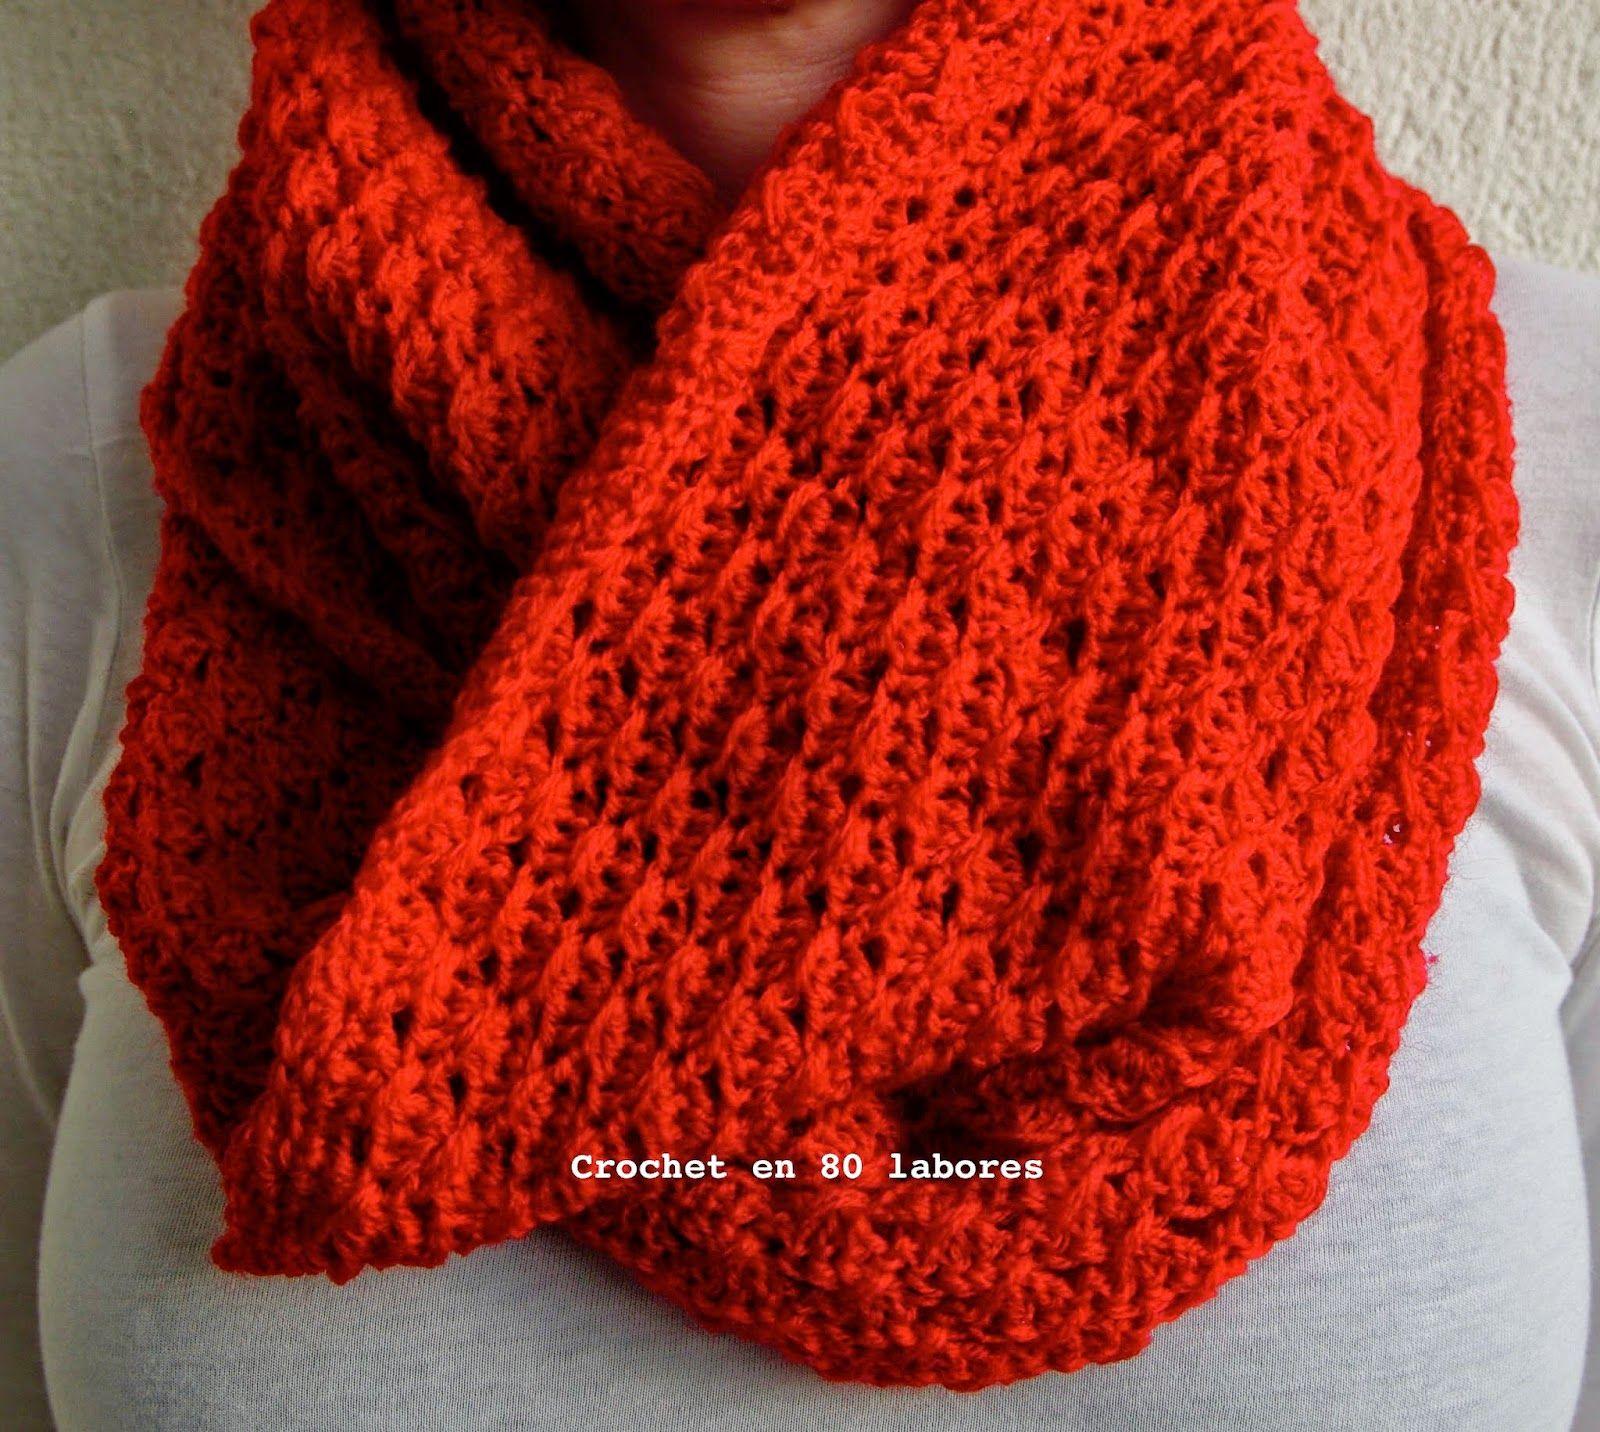 Crochet en 80 labores: Bufanda infinita en punto cruzado | Mis cosas ...